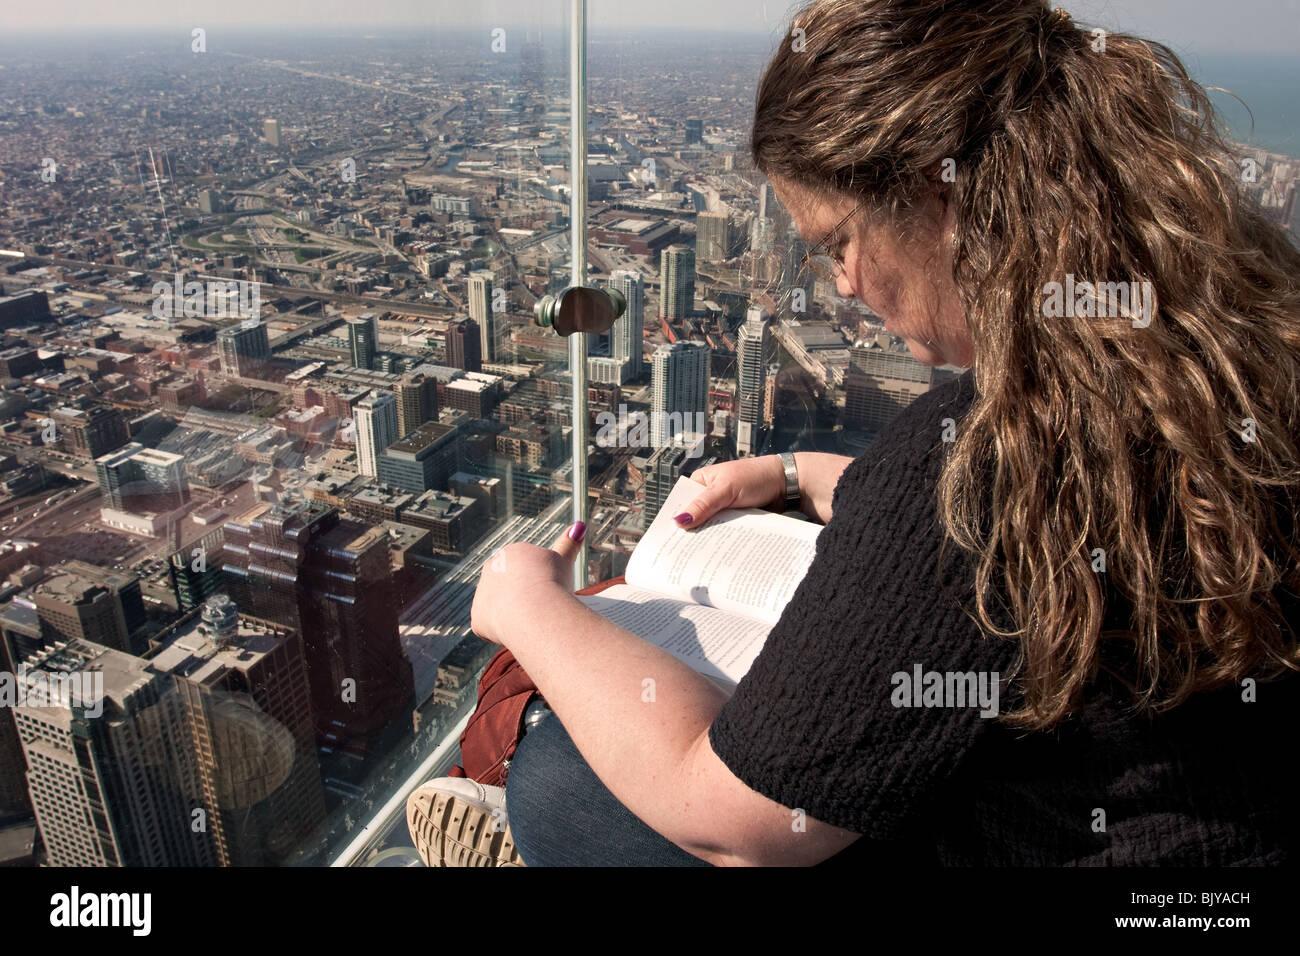 La Cornisa Mujer Leyendo En La Terraza De Observación